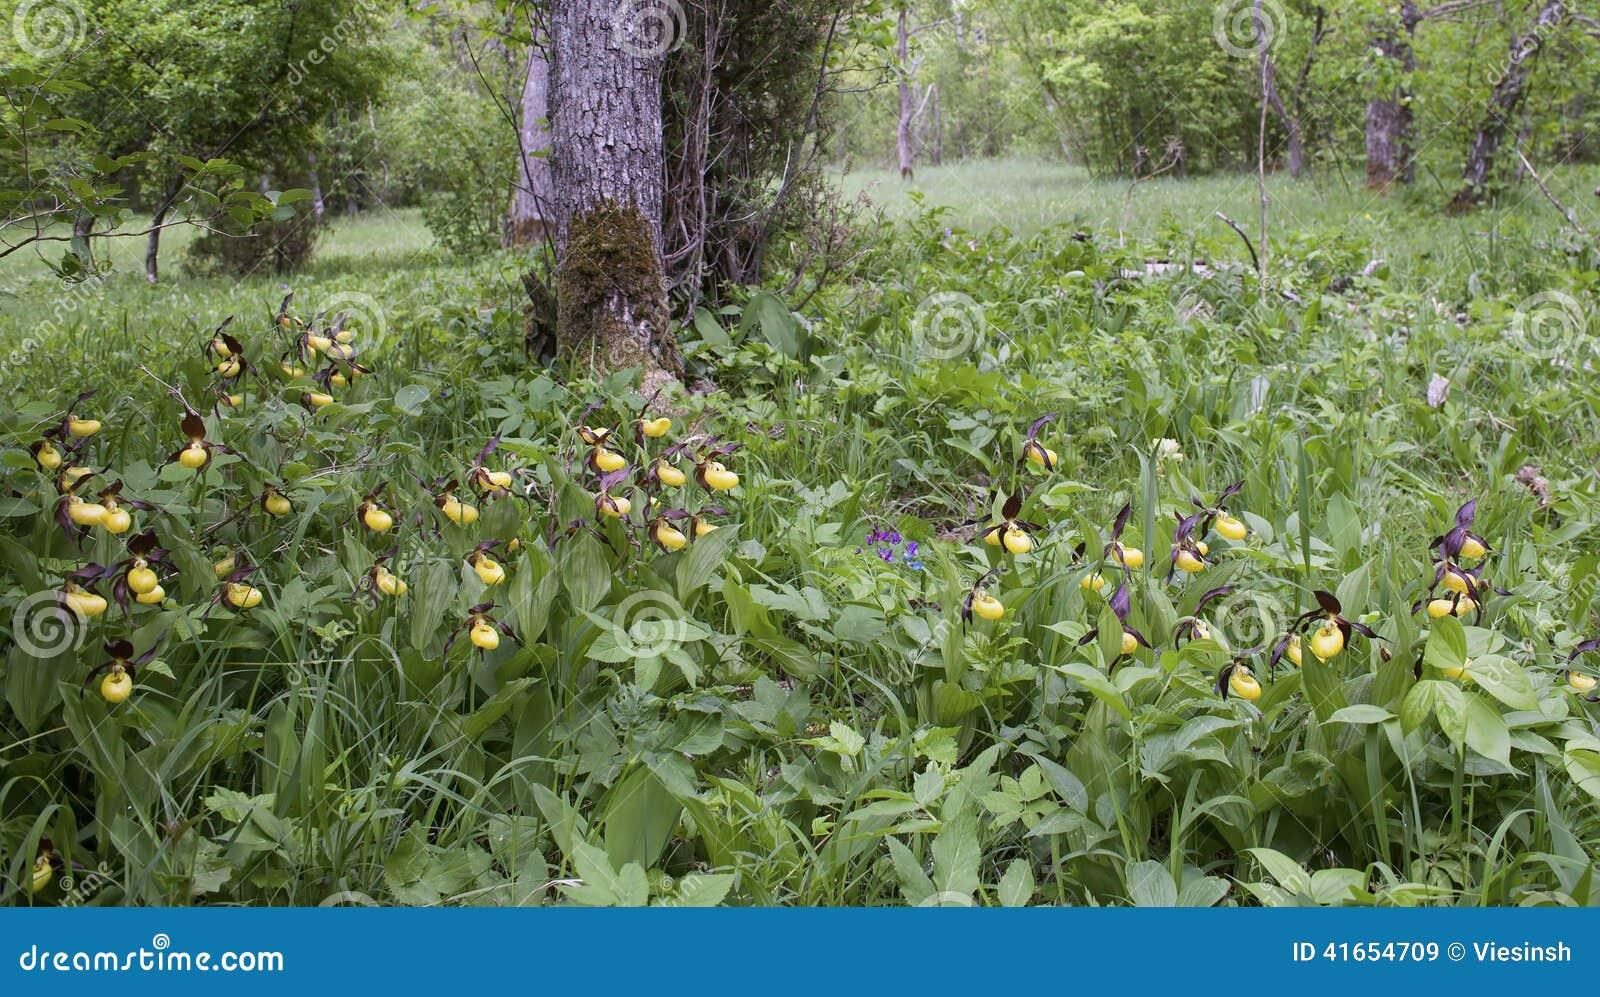 орхидея Дам-тапочки в их естественной среде обитания